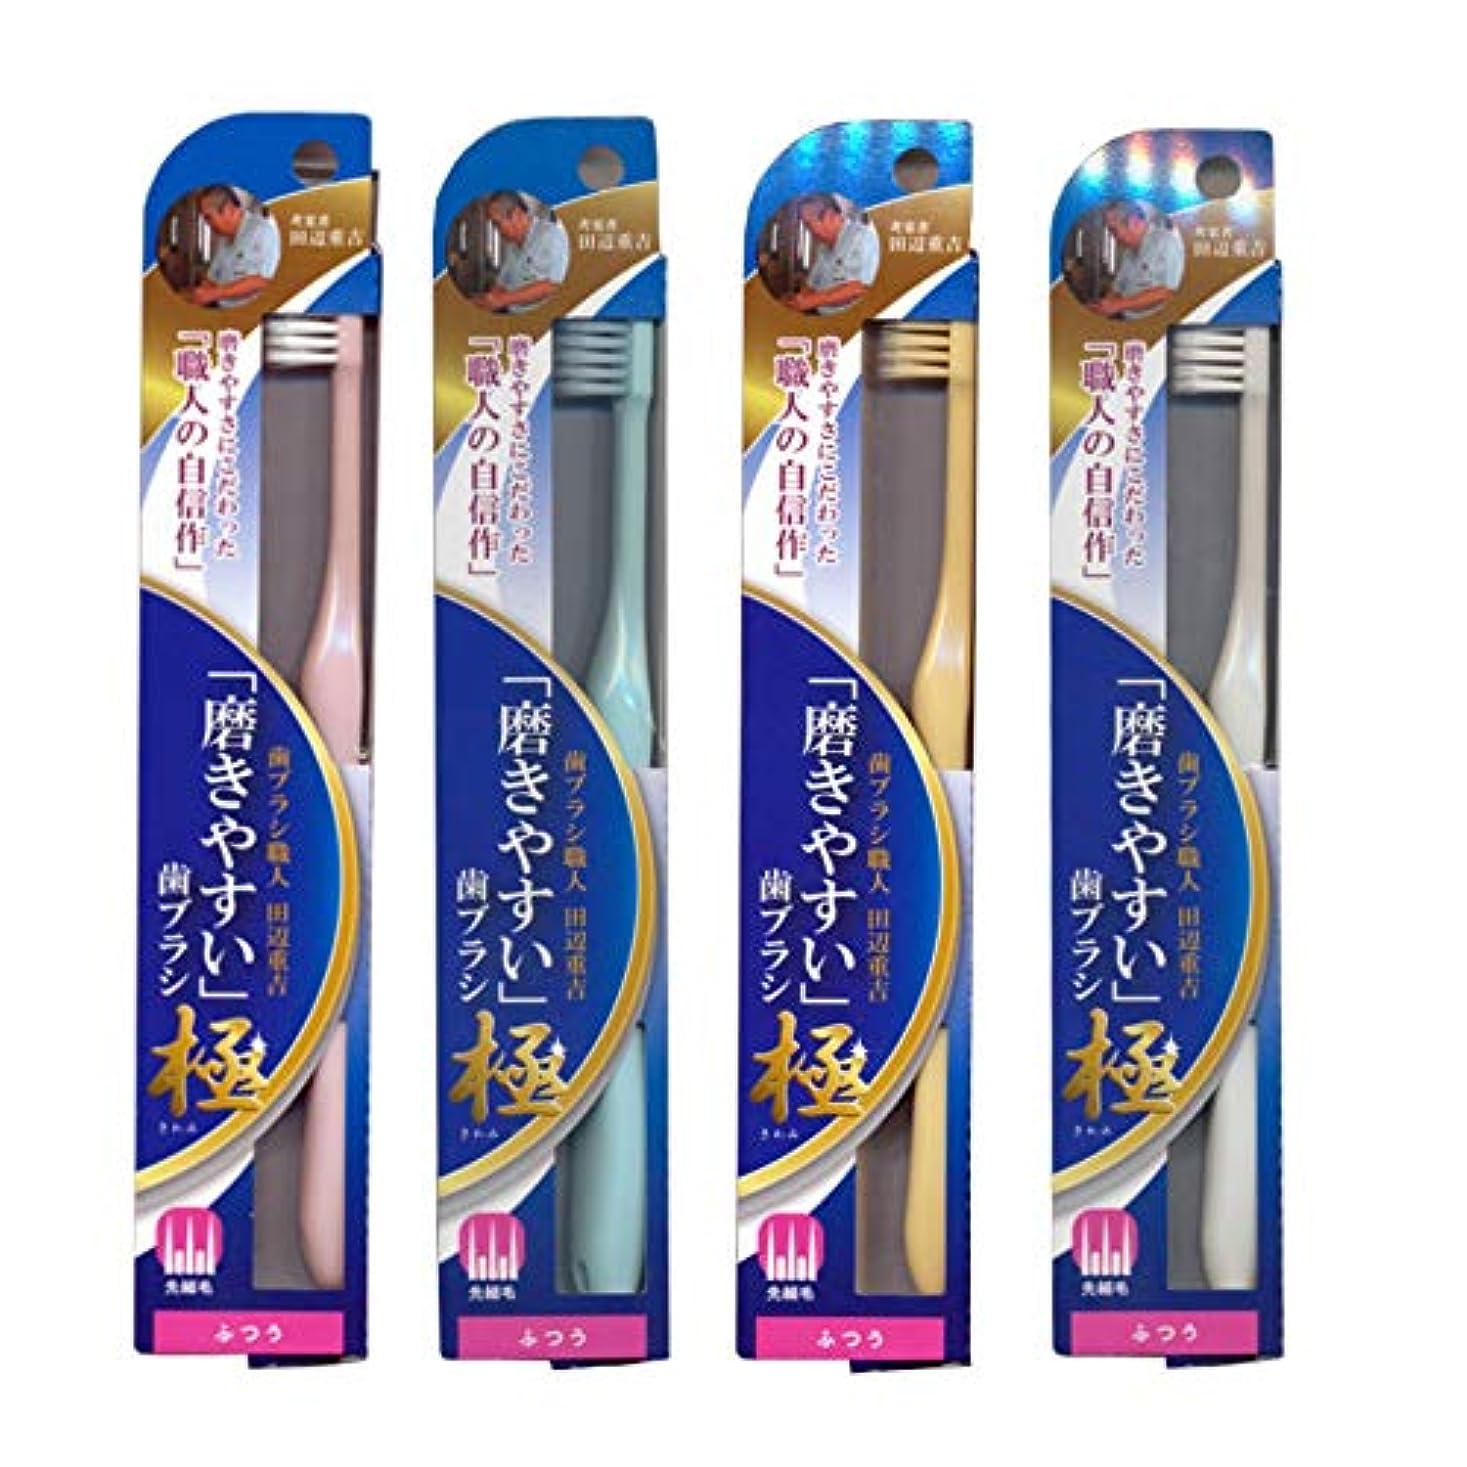 貝殻定規カウンターパート磨きやすい歯ブラシ極 (ふつう) LT-44×4本セット(ピンク×1、ブルー×1、ホワイト×1、イエロー×1)先細毛